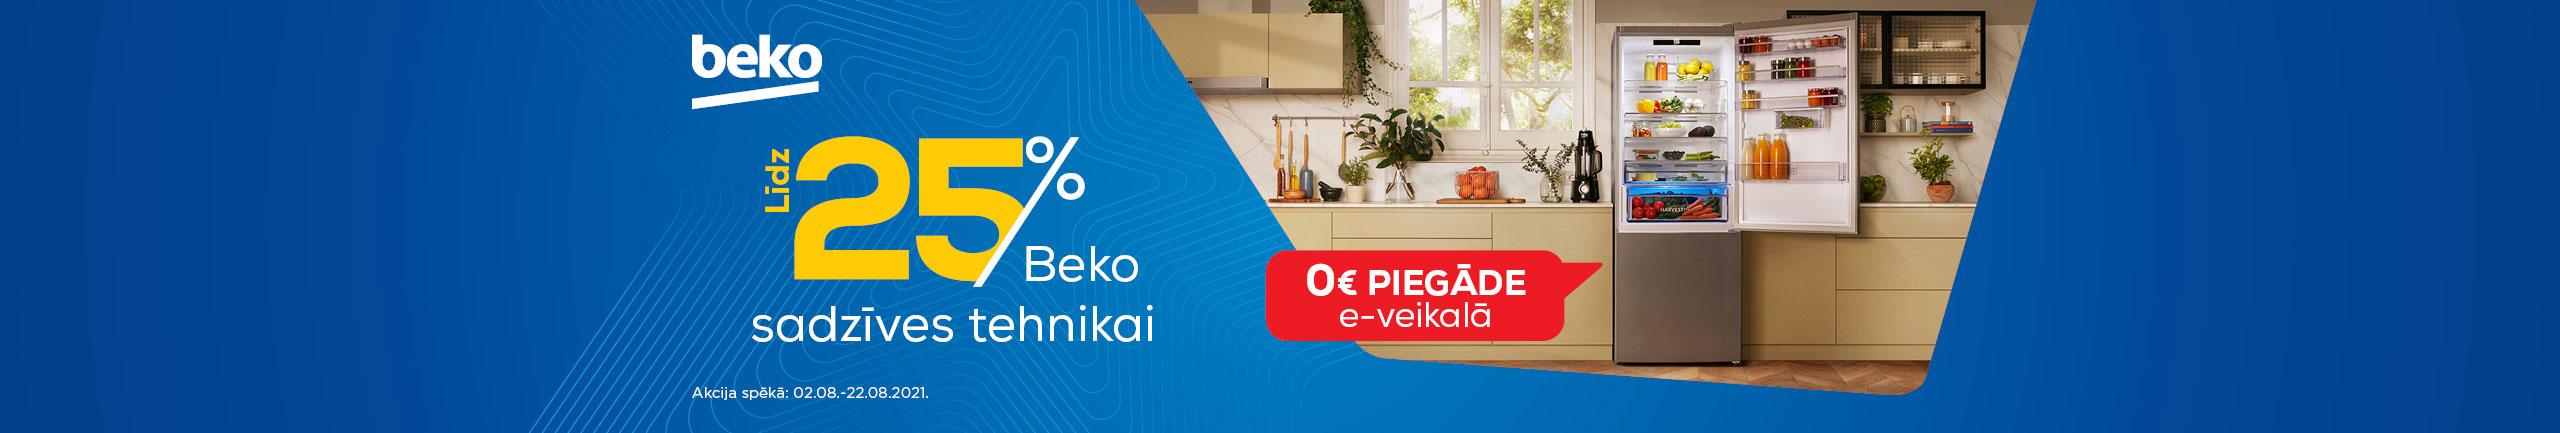 FPS Beko 25%